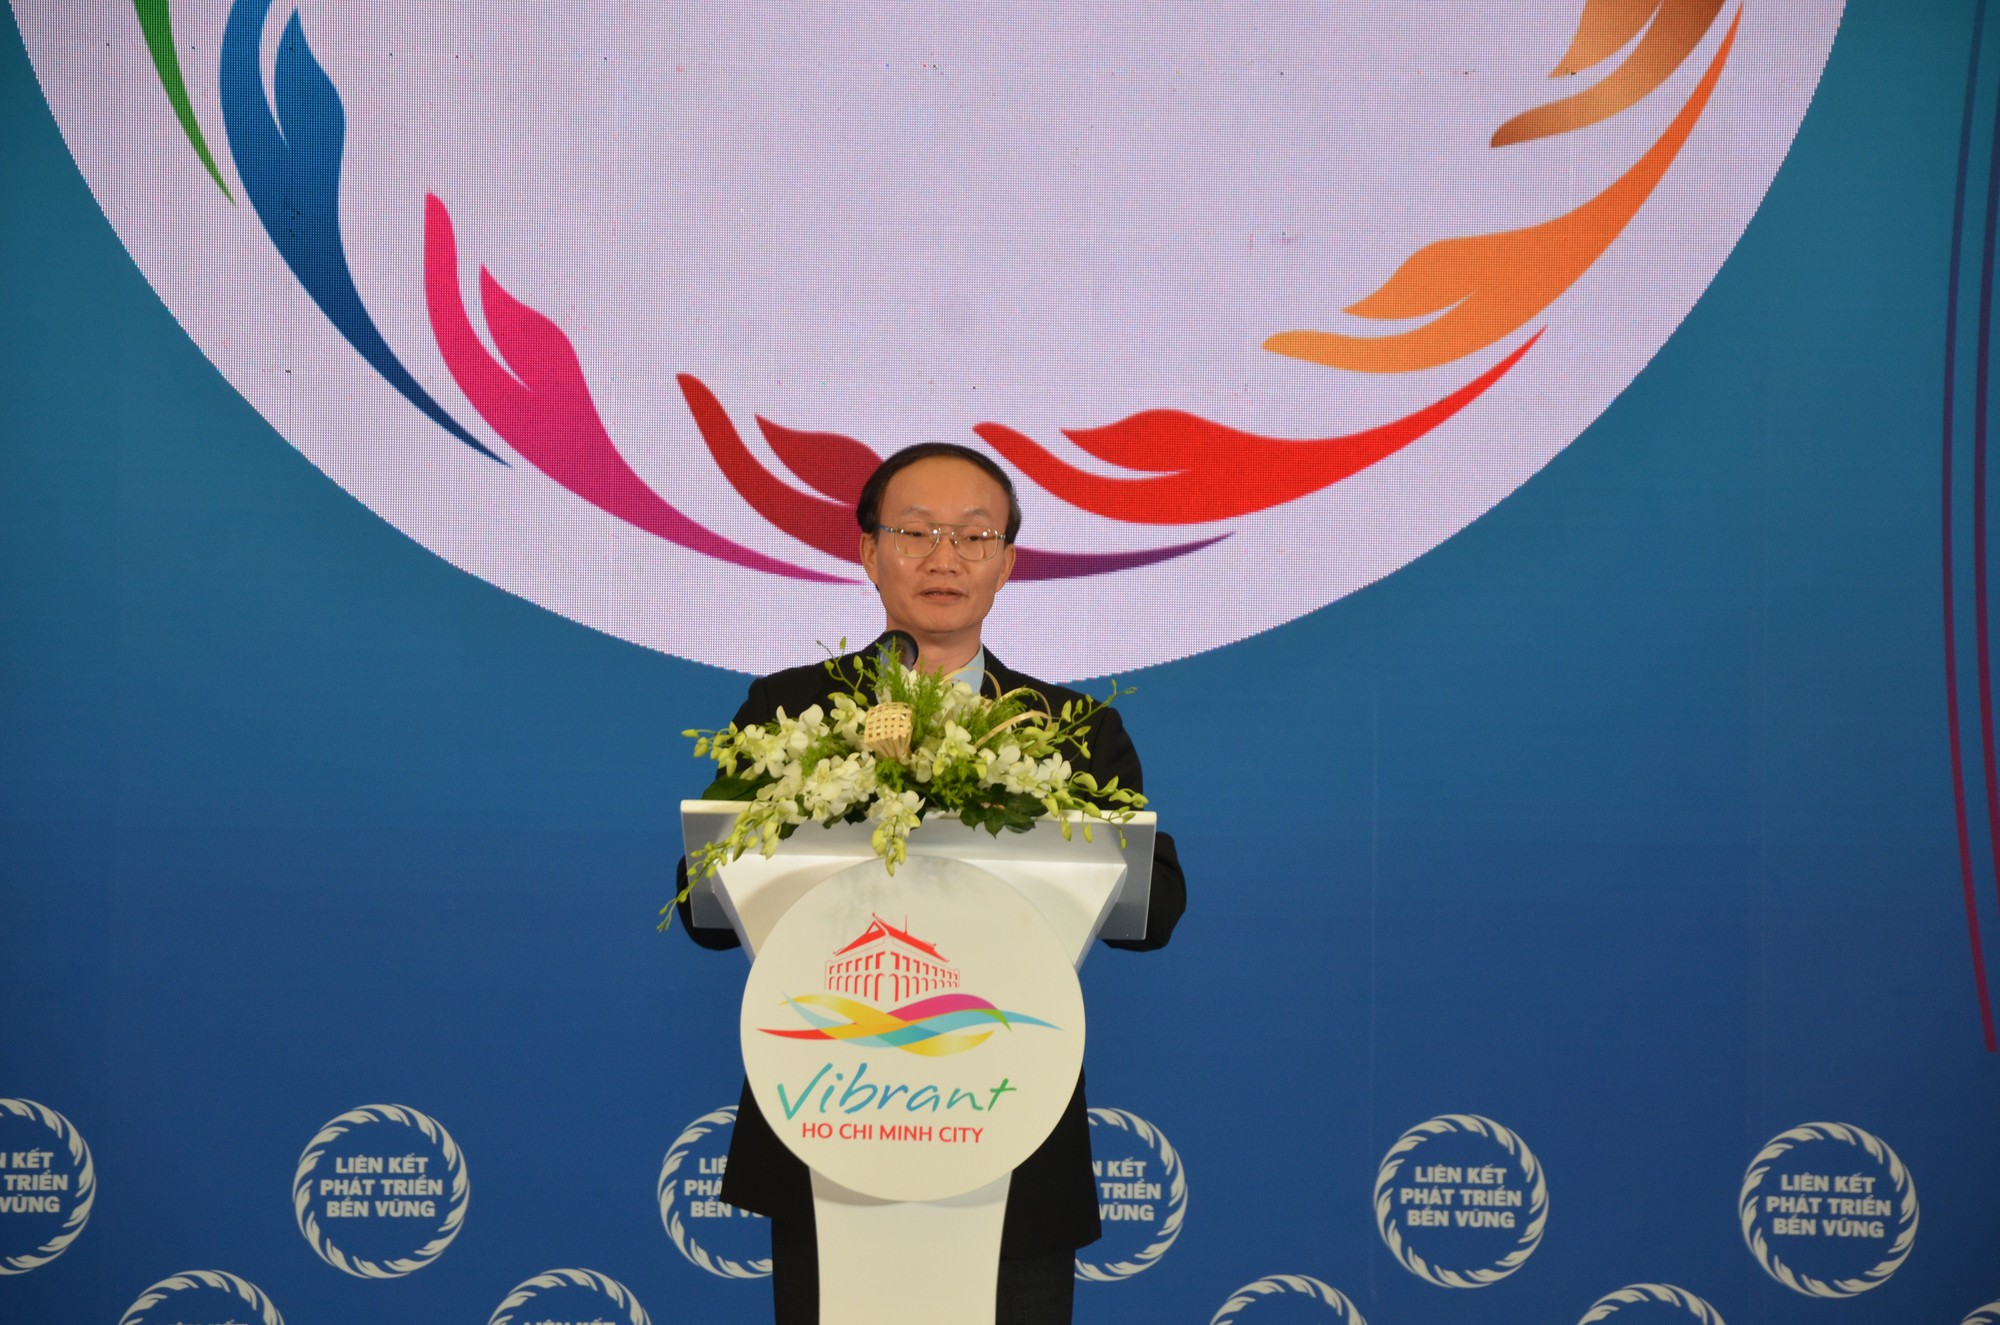 Hội nghị hợp tác du lịch Việt - Nga năm 2019 tại Thành phố Hồ Chí Minh - Ảnh 3.